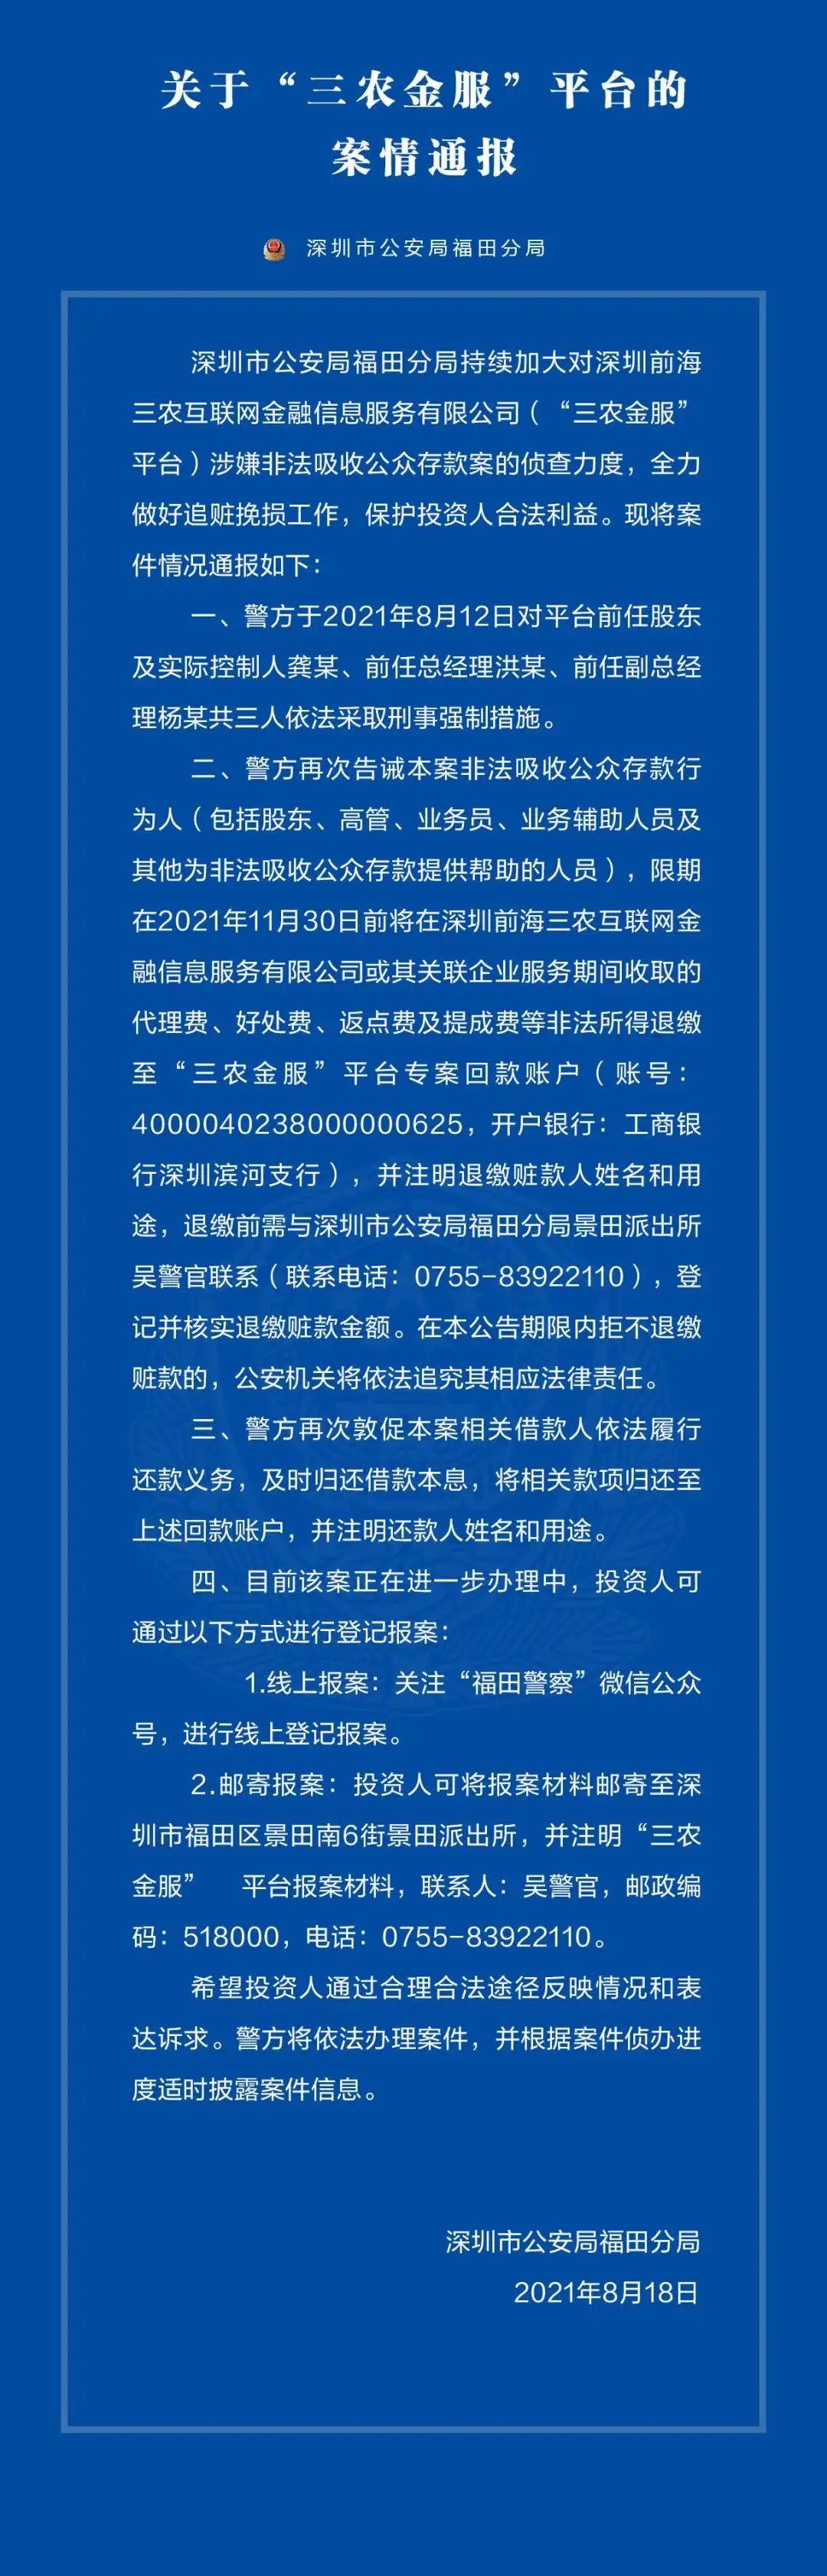 """3人已被抓!深圳P2P平台""""三农金服""""有最新进展 警方敦促借款人还钱"""